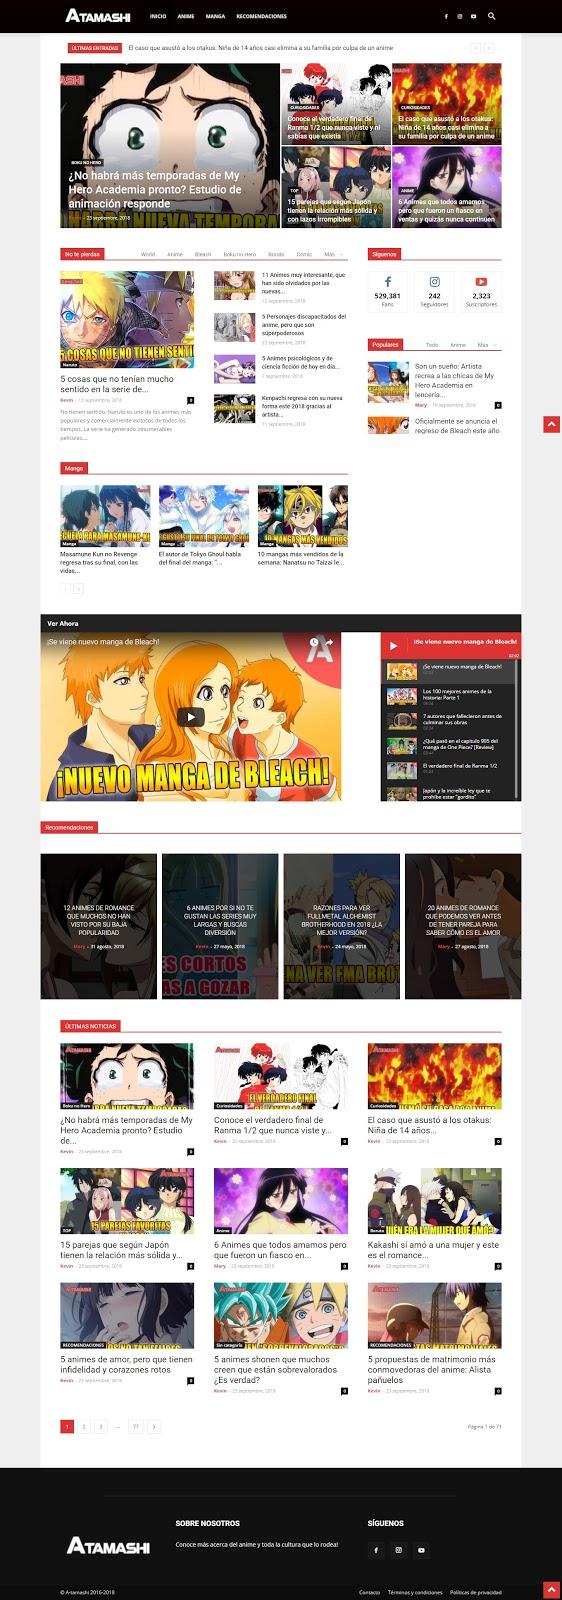 paginas con actualizades de anime Atamashi